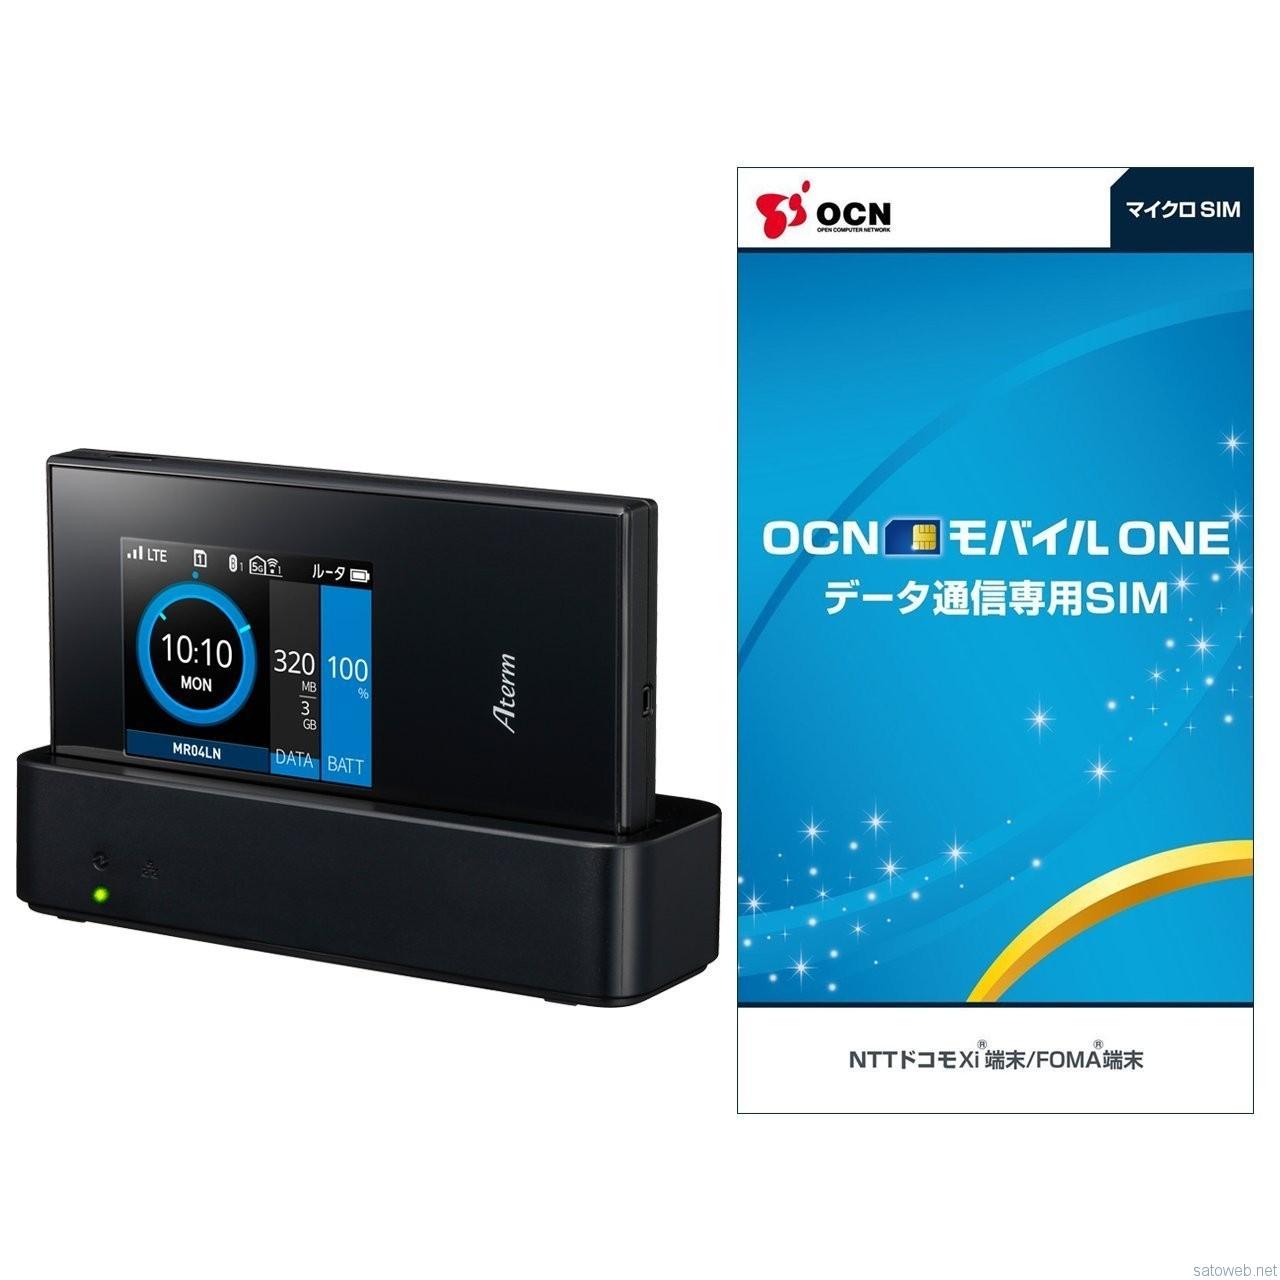 Amazonにて「NEC Aterm MR04LN」 がセール特価対象で10800円に。クレイドル付でも12,500円也